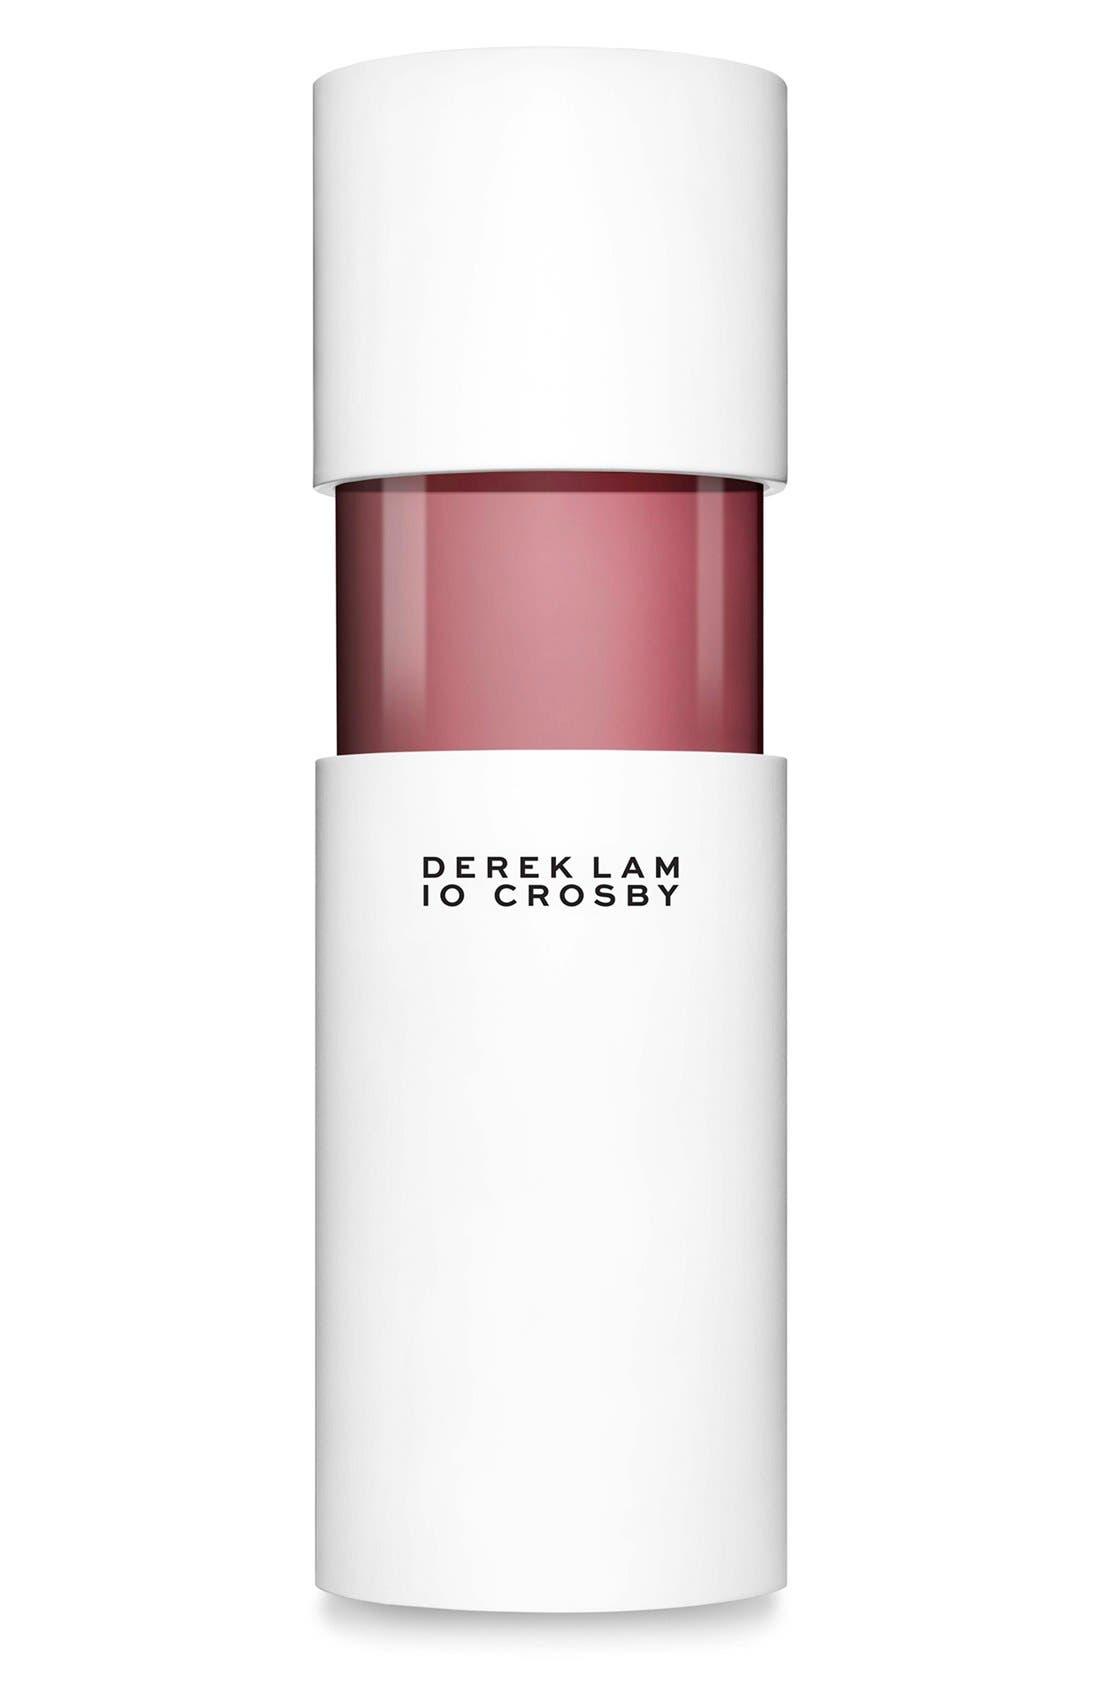 Derek Lam 10 Crosby 'Something Wild' Eau de Parfum